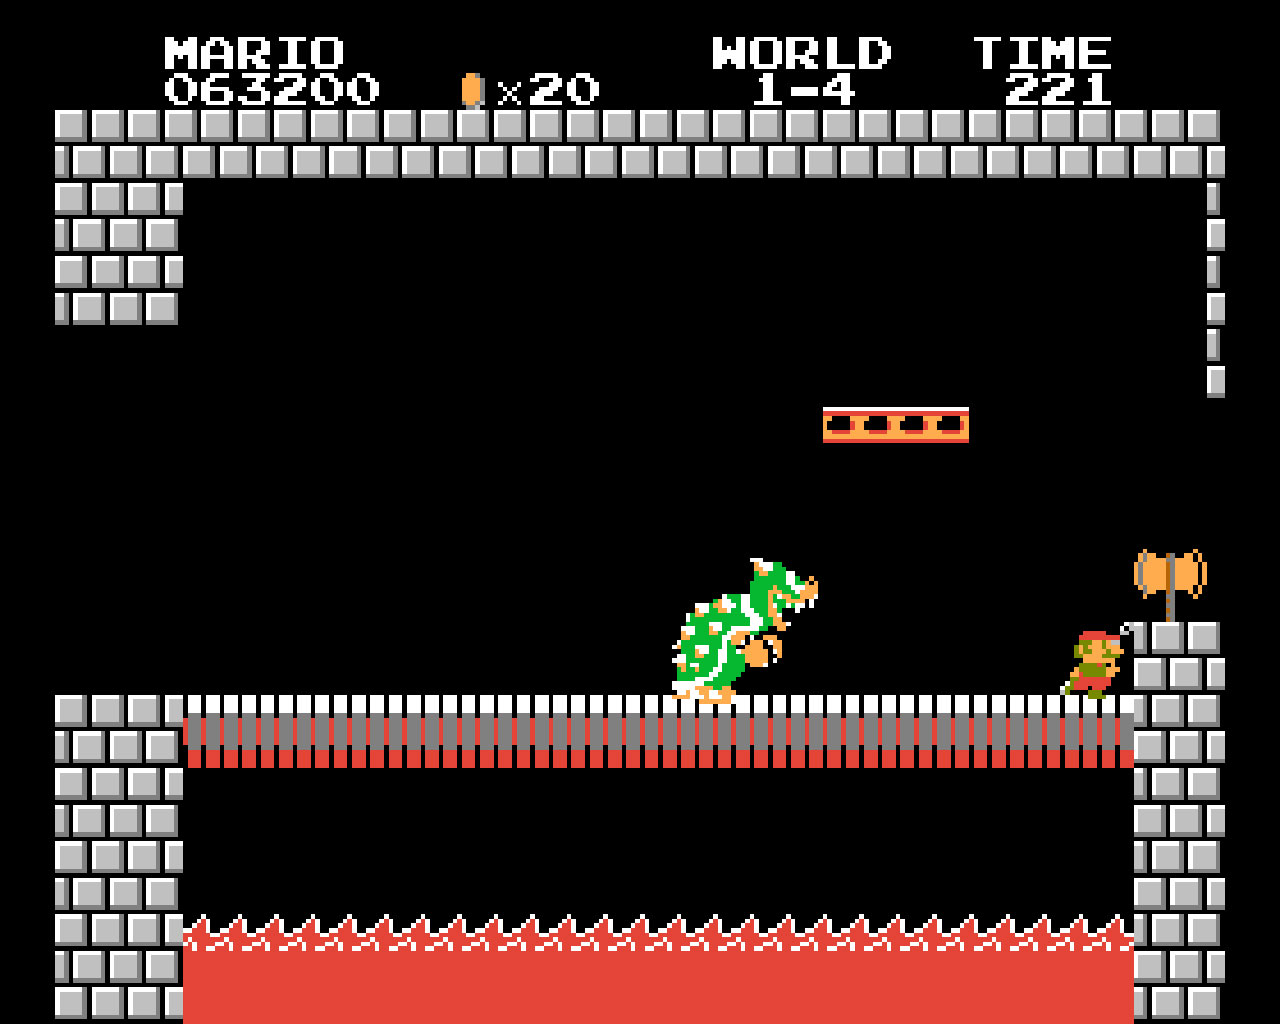 Bowser apparaît pour la première fois dans Super Mario Bros. en 1985 sur Famicom.